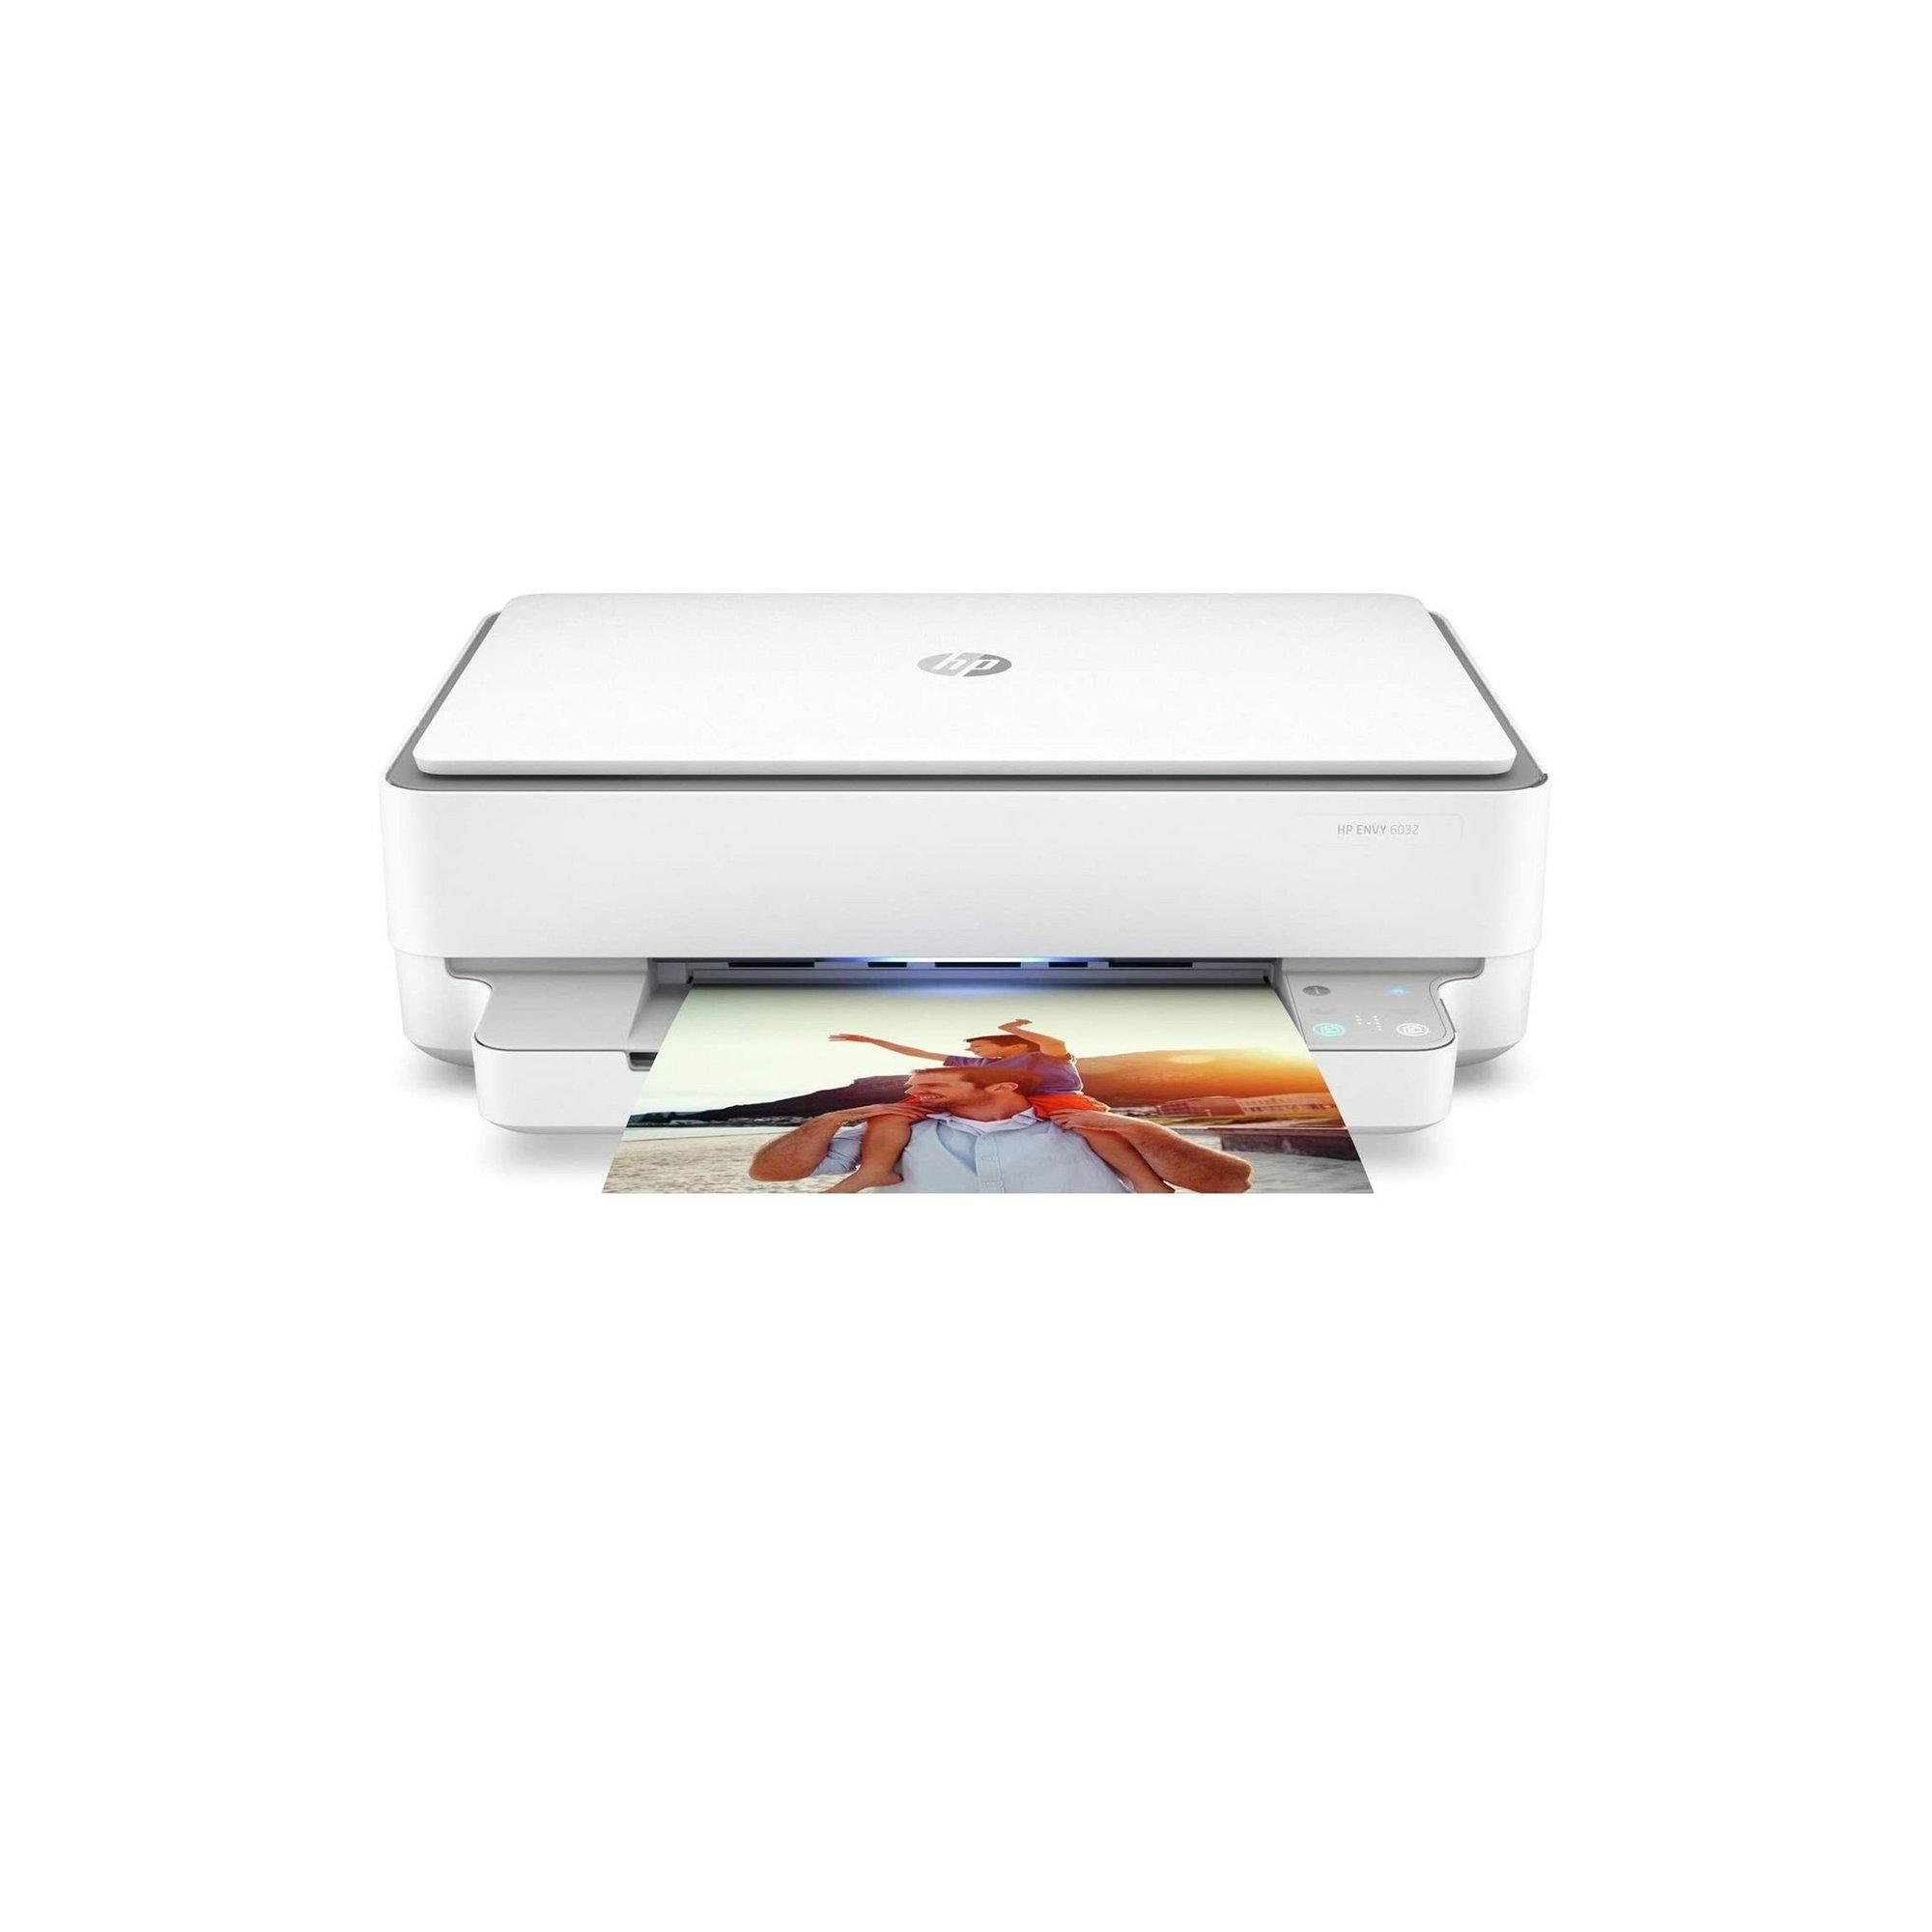 Image of HPENVY 6030 All-in-One Wireless Inkjet Printer